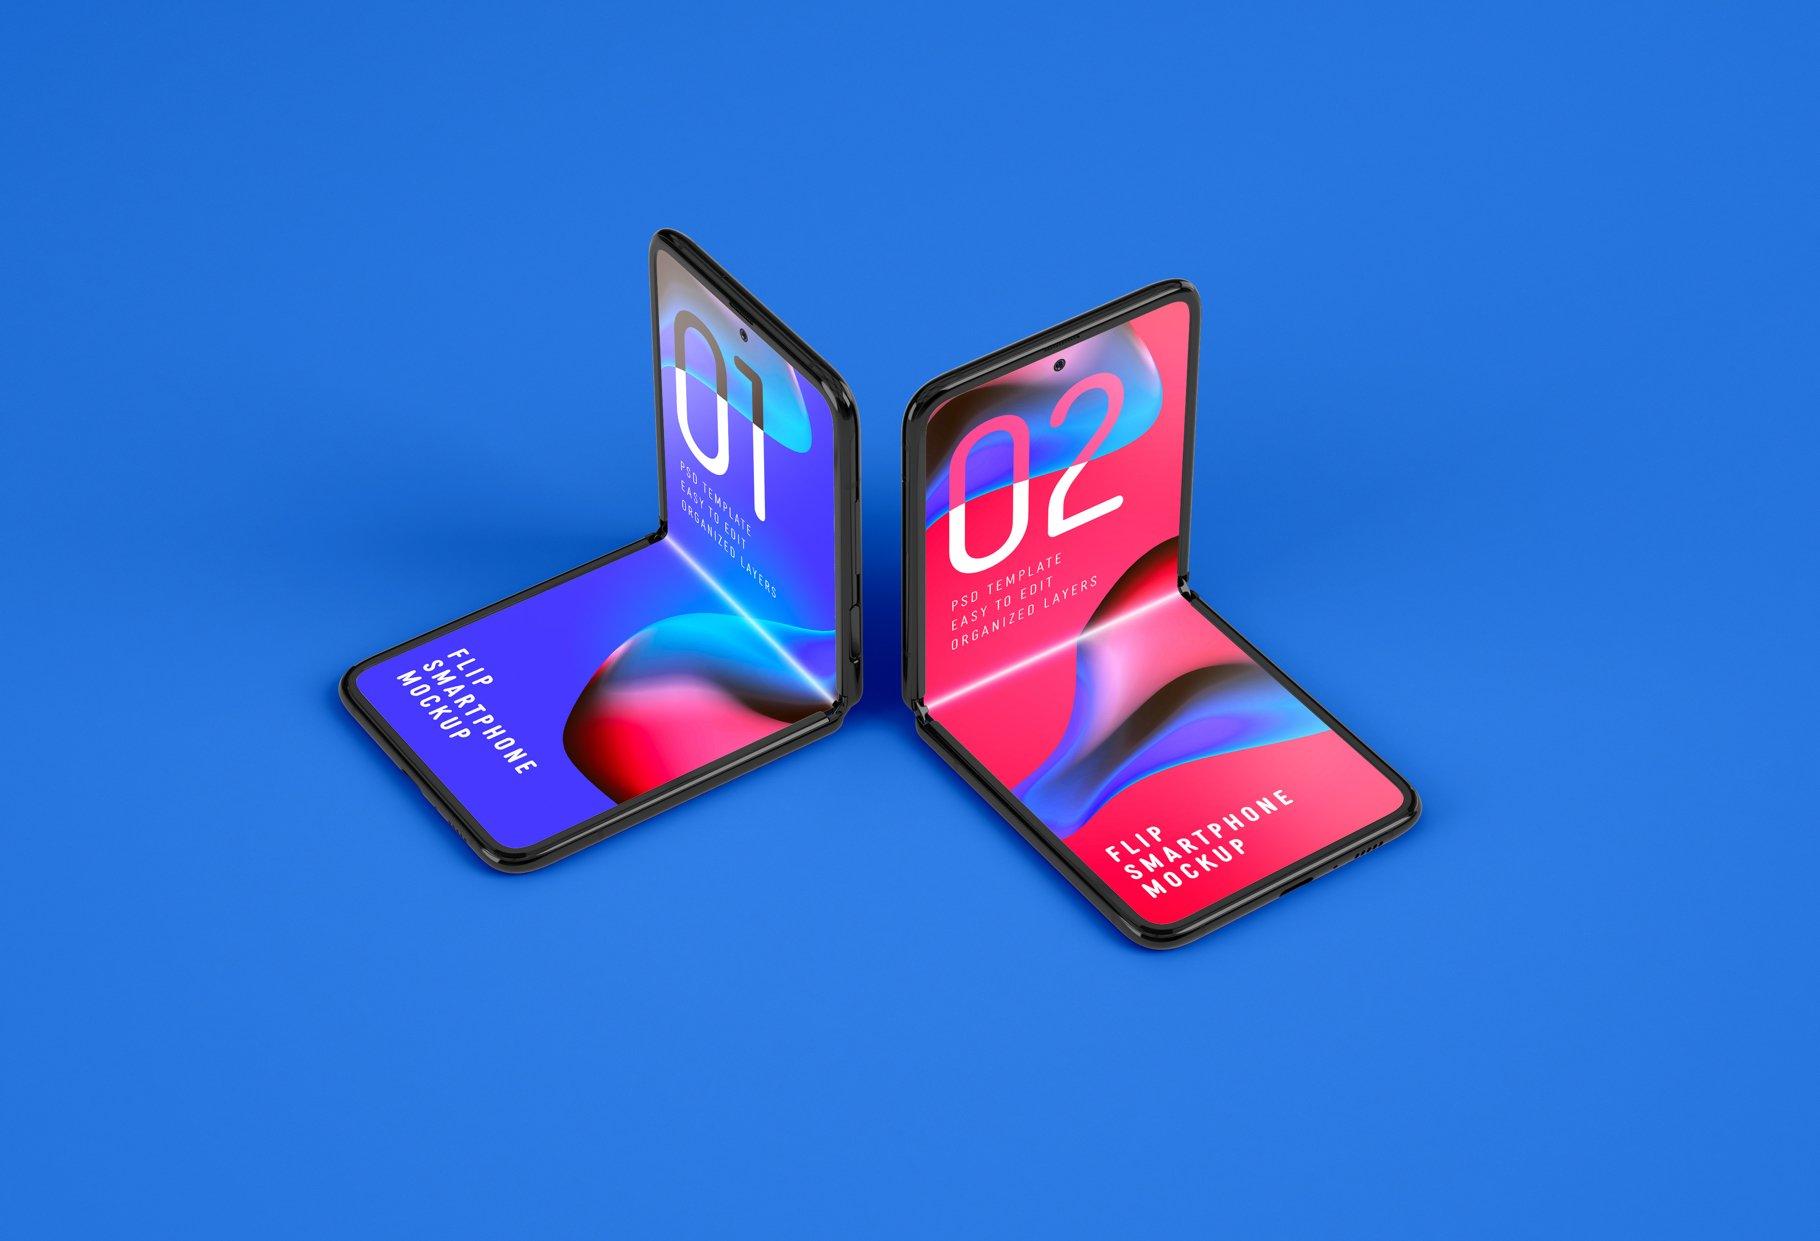 11款APP应用设计三星Galaxy Z手机屏幕演示样机模板 Galaxy Z Flip Mockup | Folding Phone插图(6)